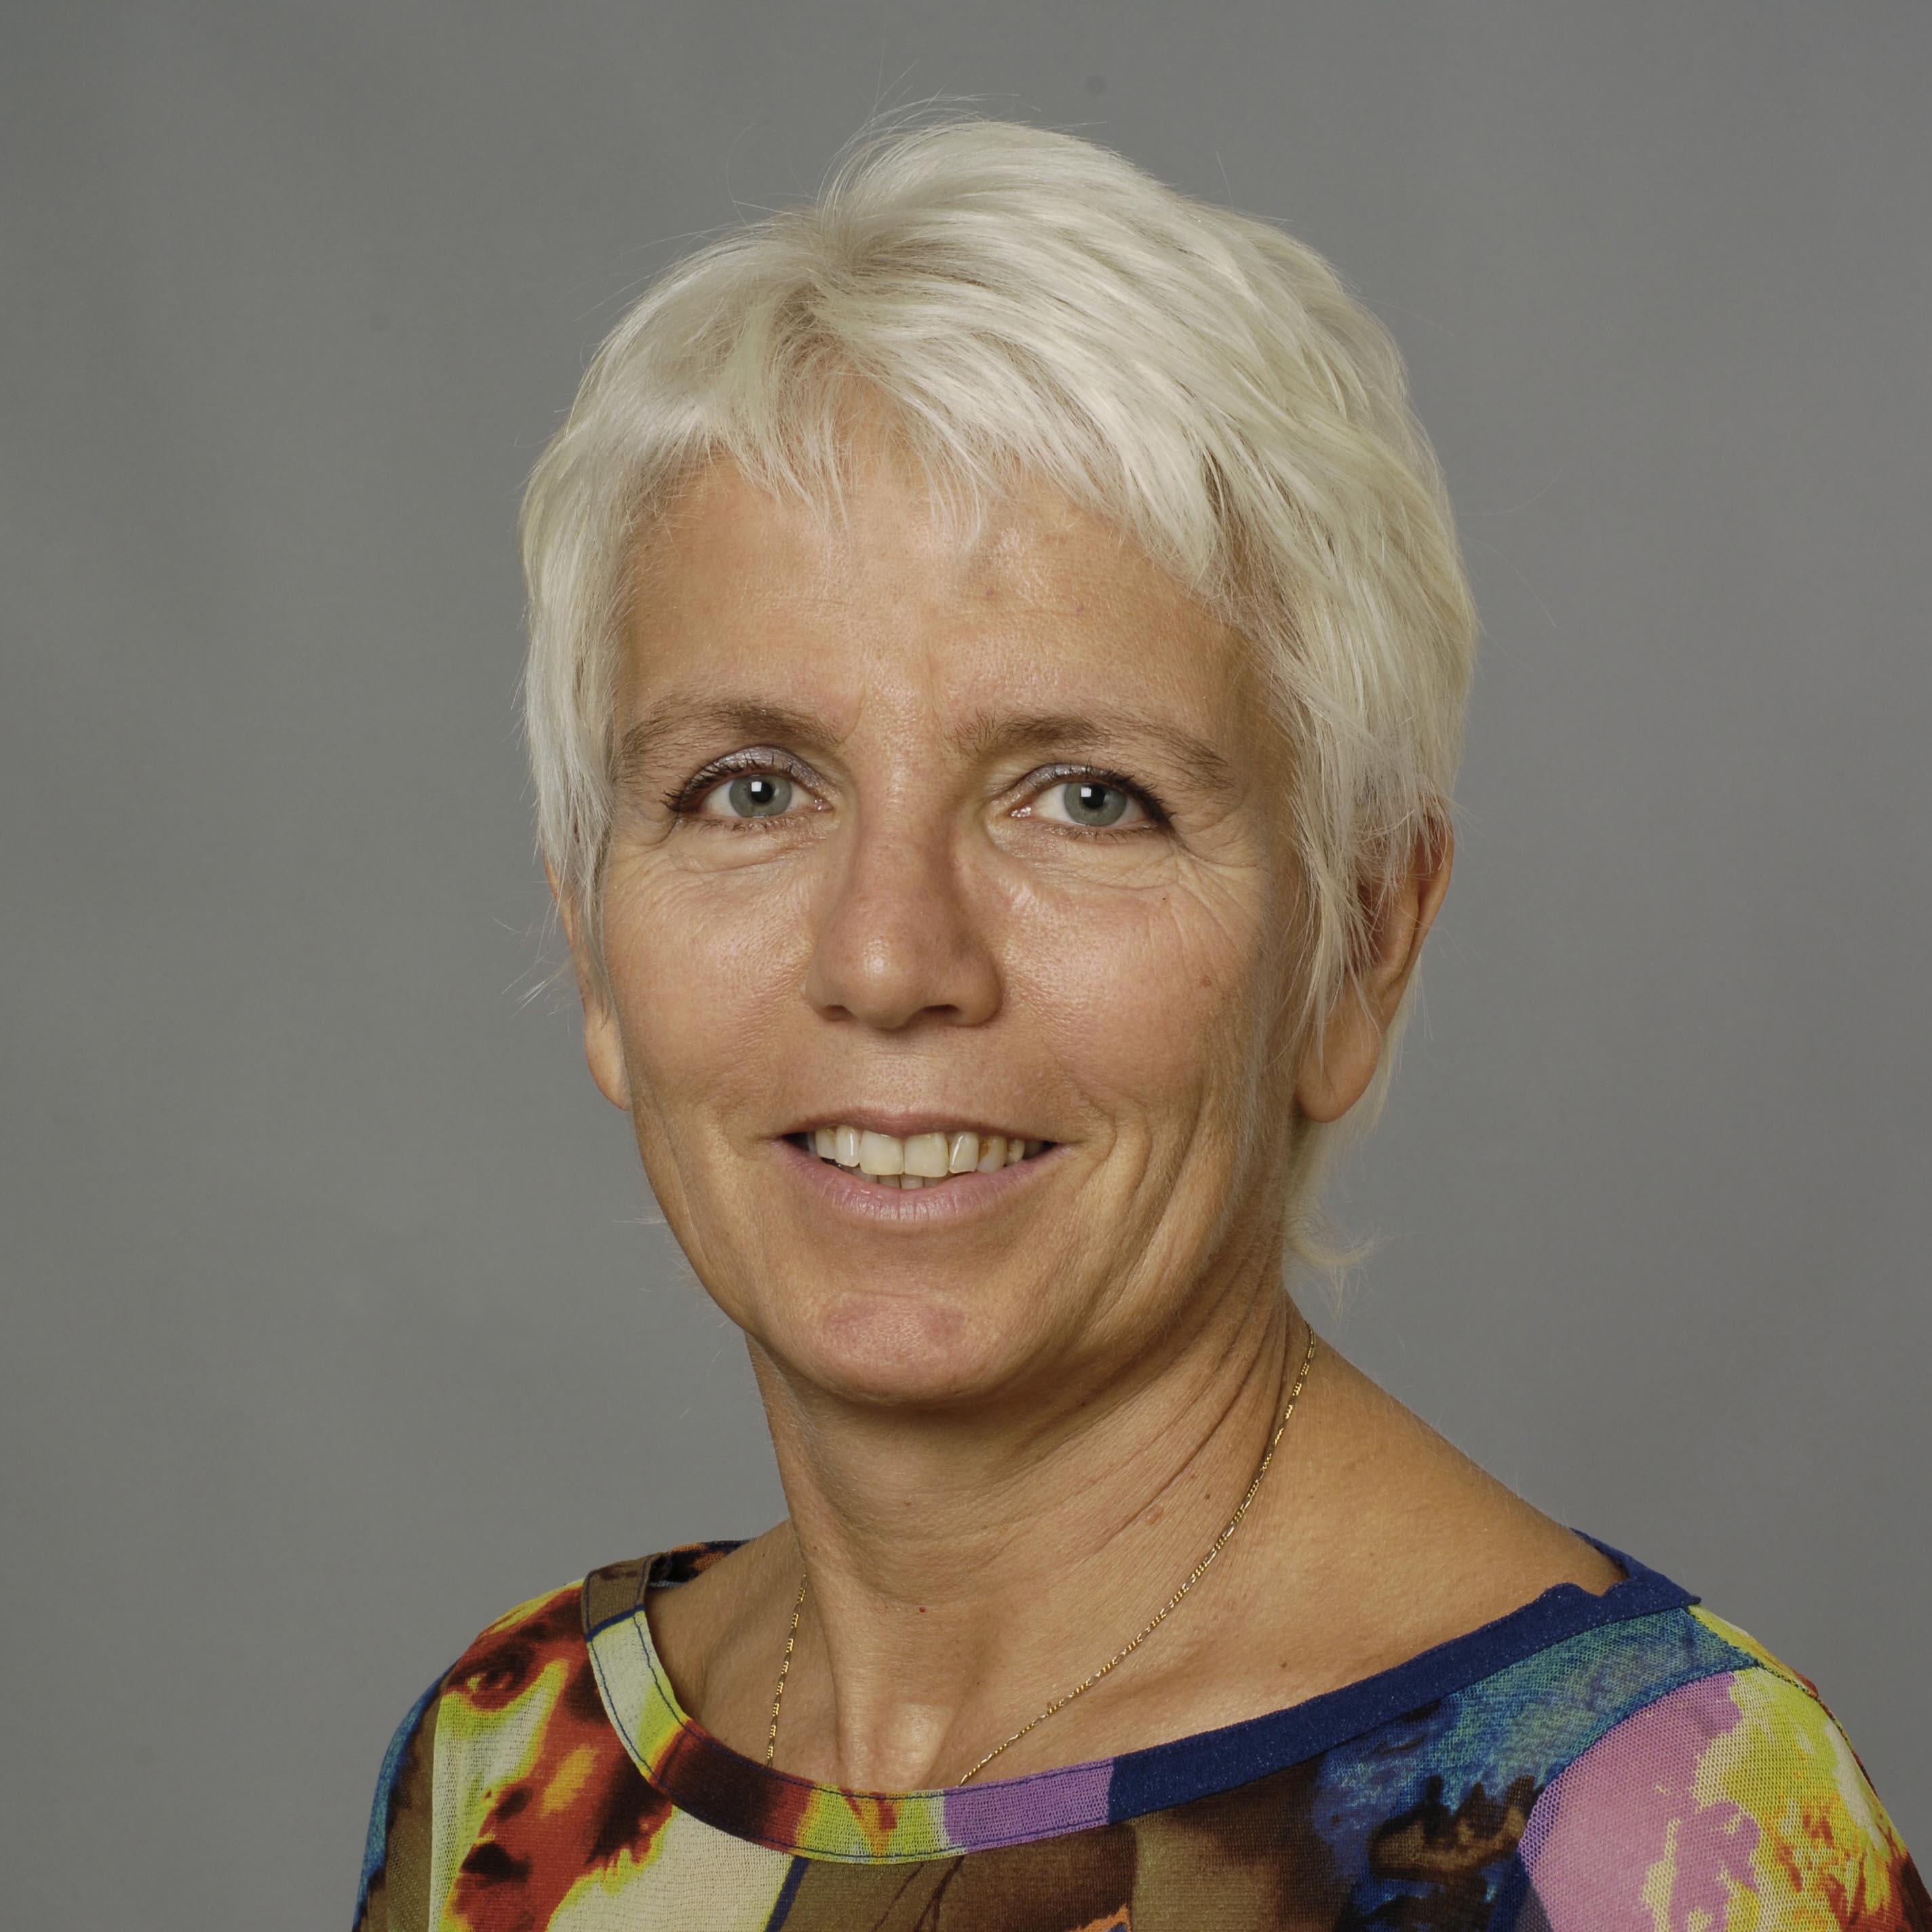 Elisabeth Sutter